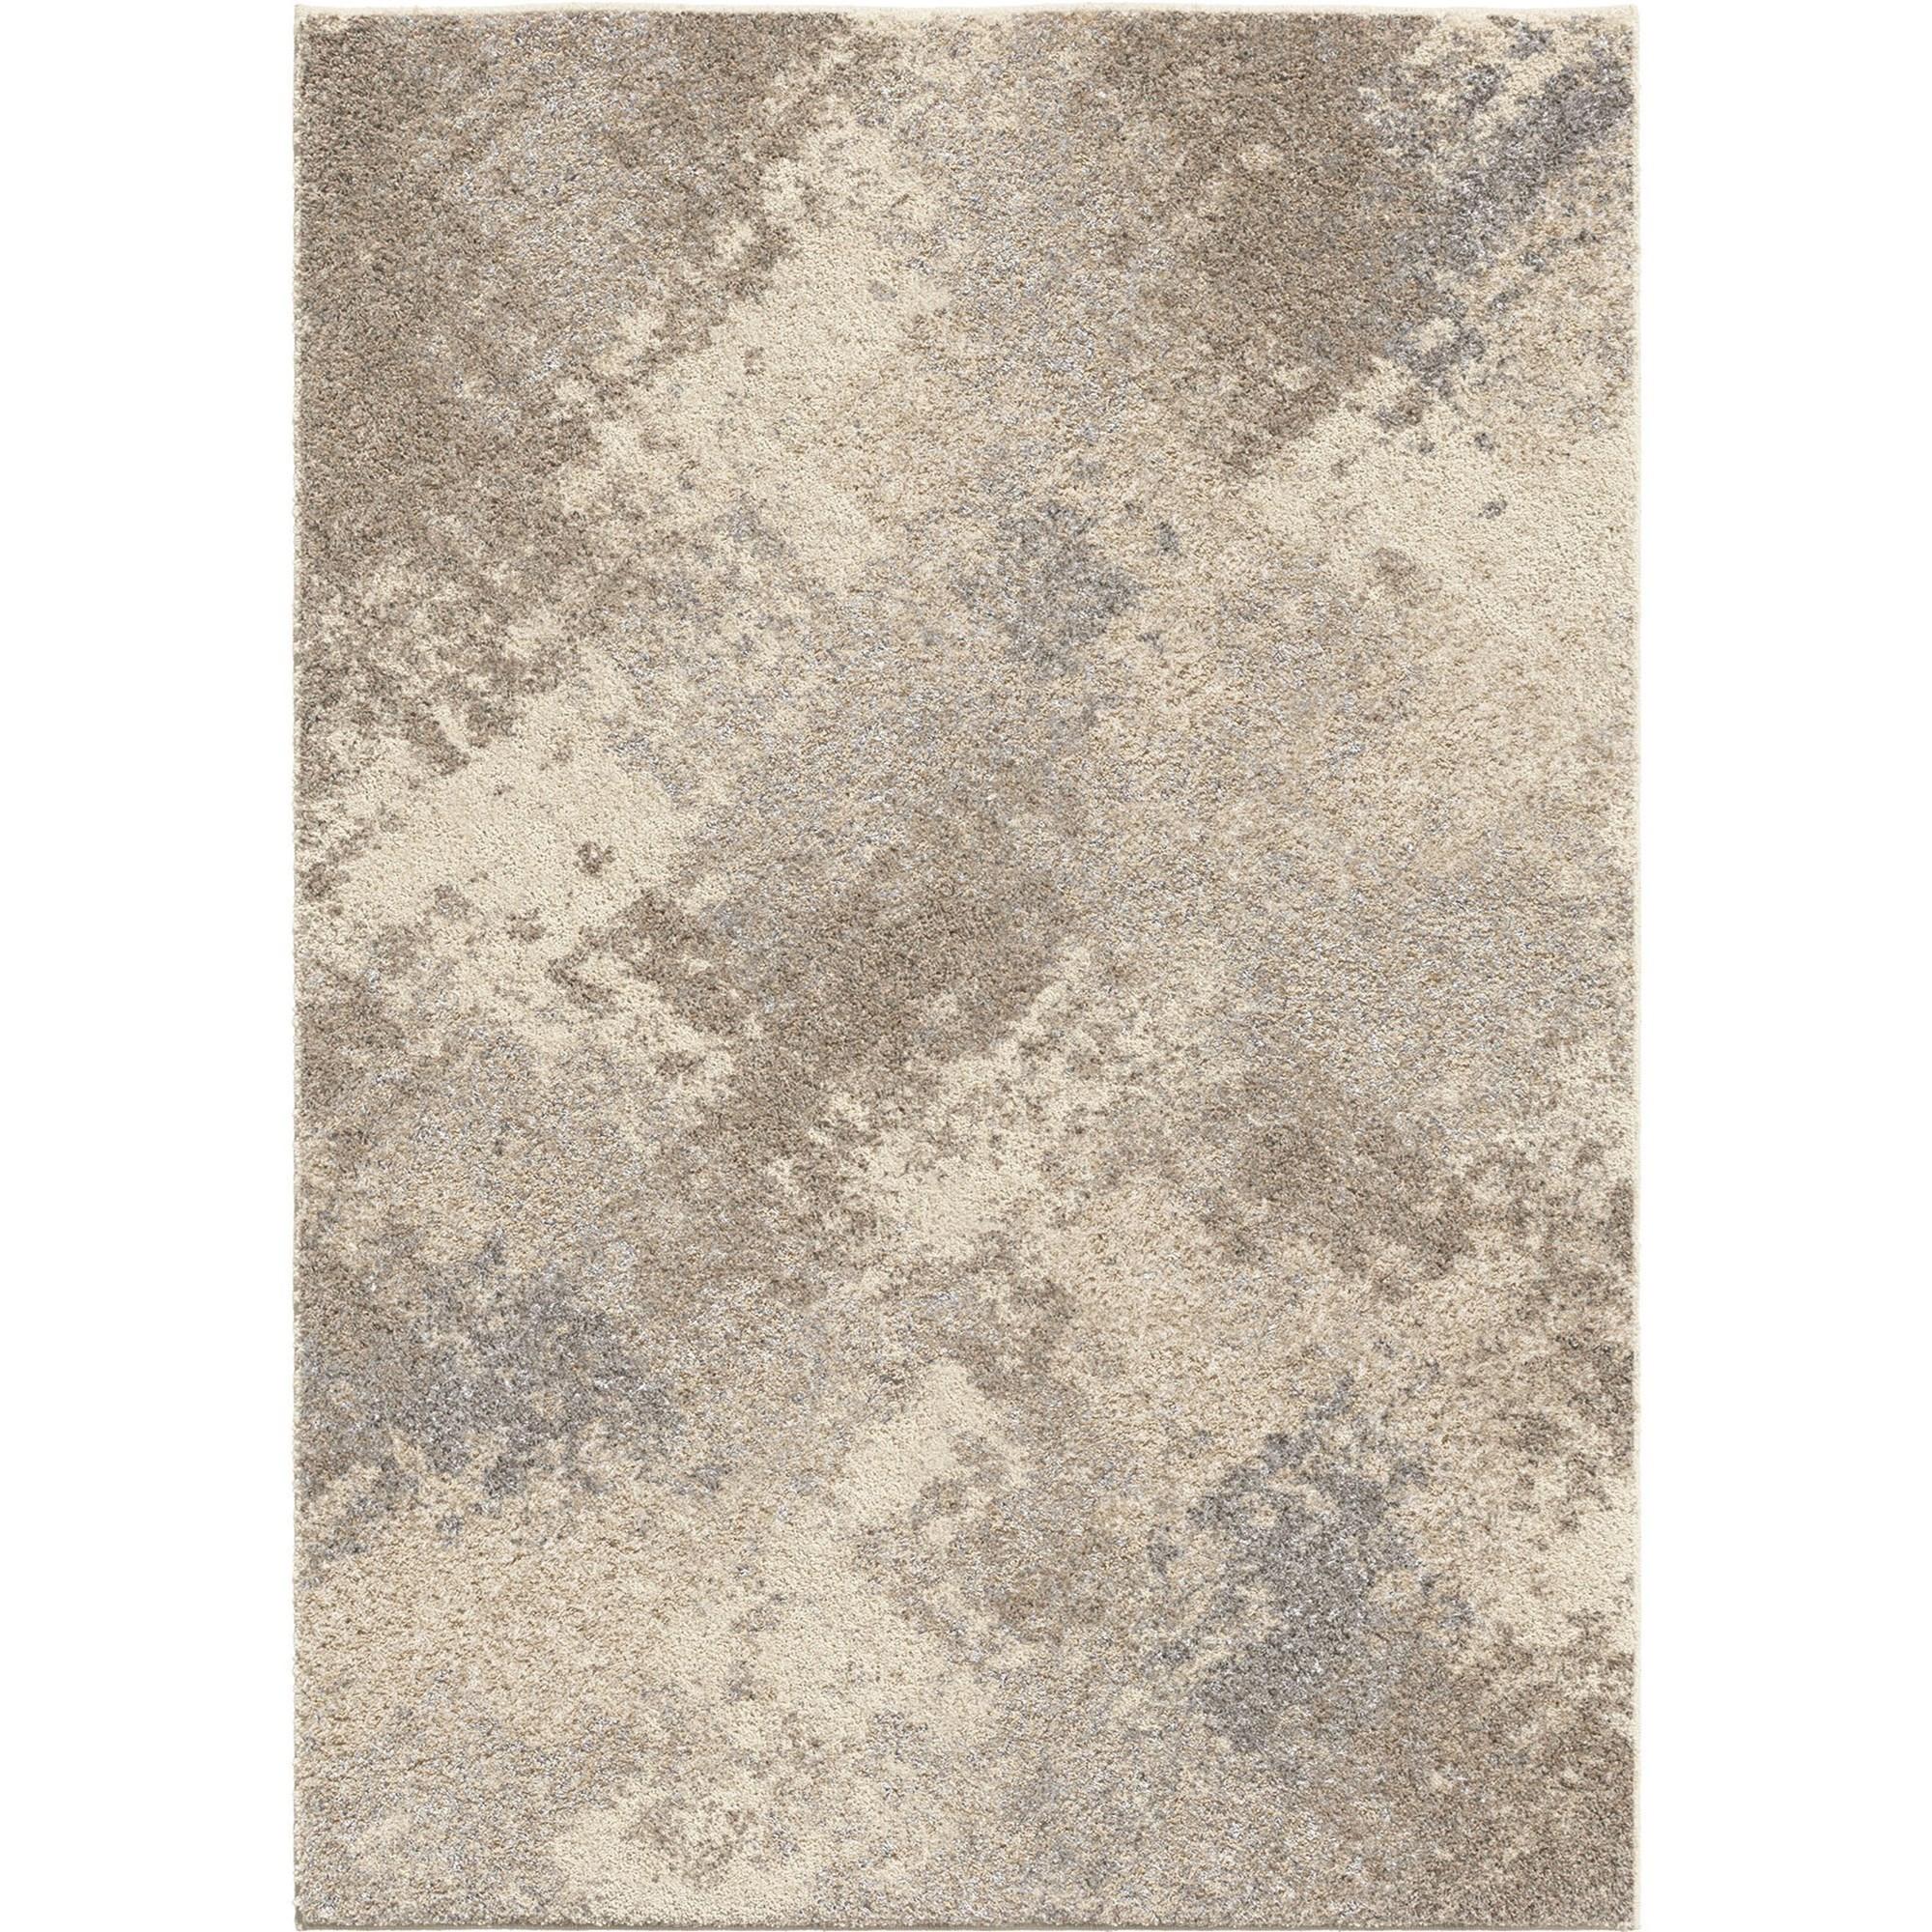 Contemporary 8x10 Area Rug in Cream/Grey